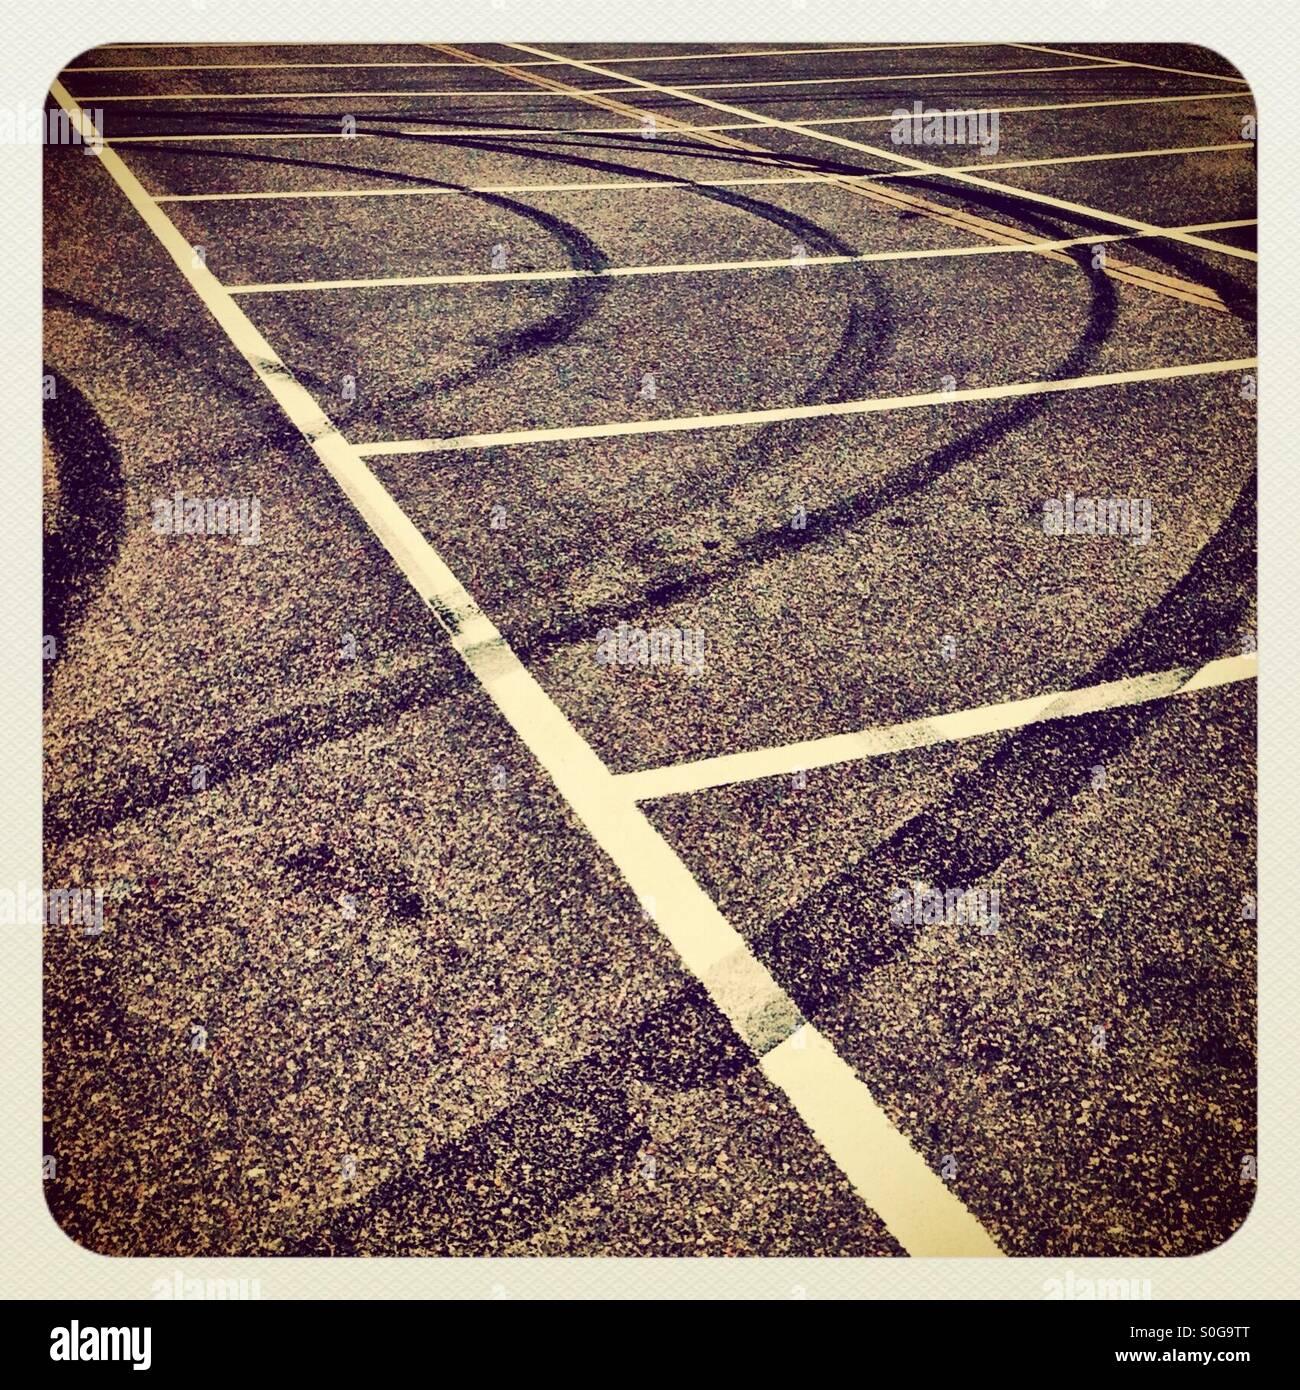 Bremsspuren auf einem Parkplatz Stockbild